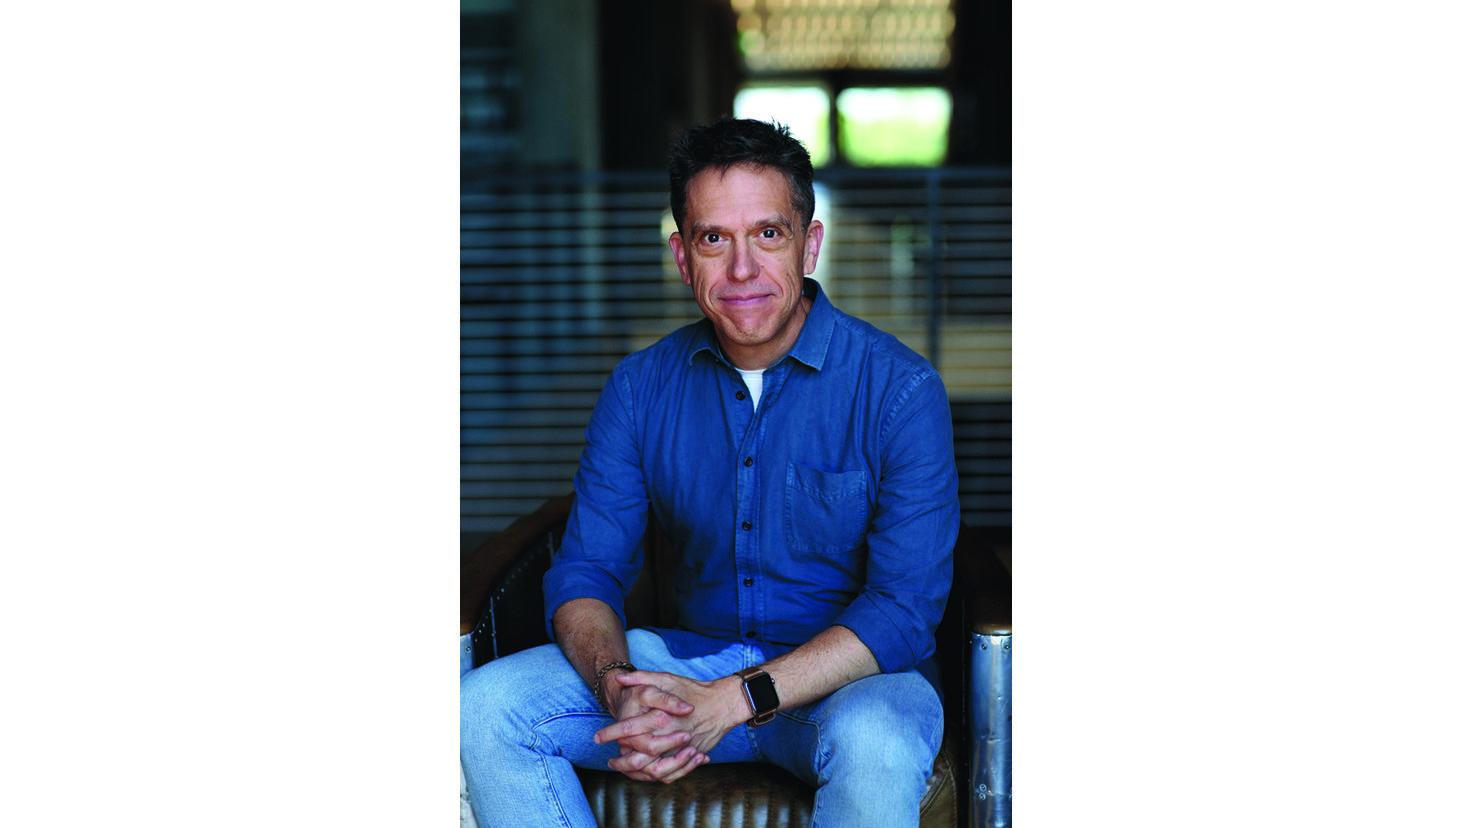 """Multitalent: Lee Unkrich ist Vizepräsident für Redaktion und Gestaltung bei Pixar. Er führt Regie beim Film """"Coco""""."""